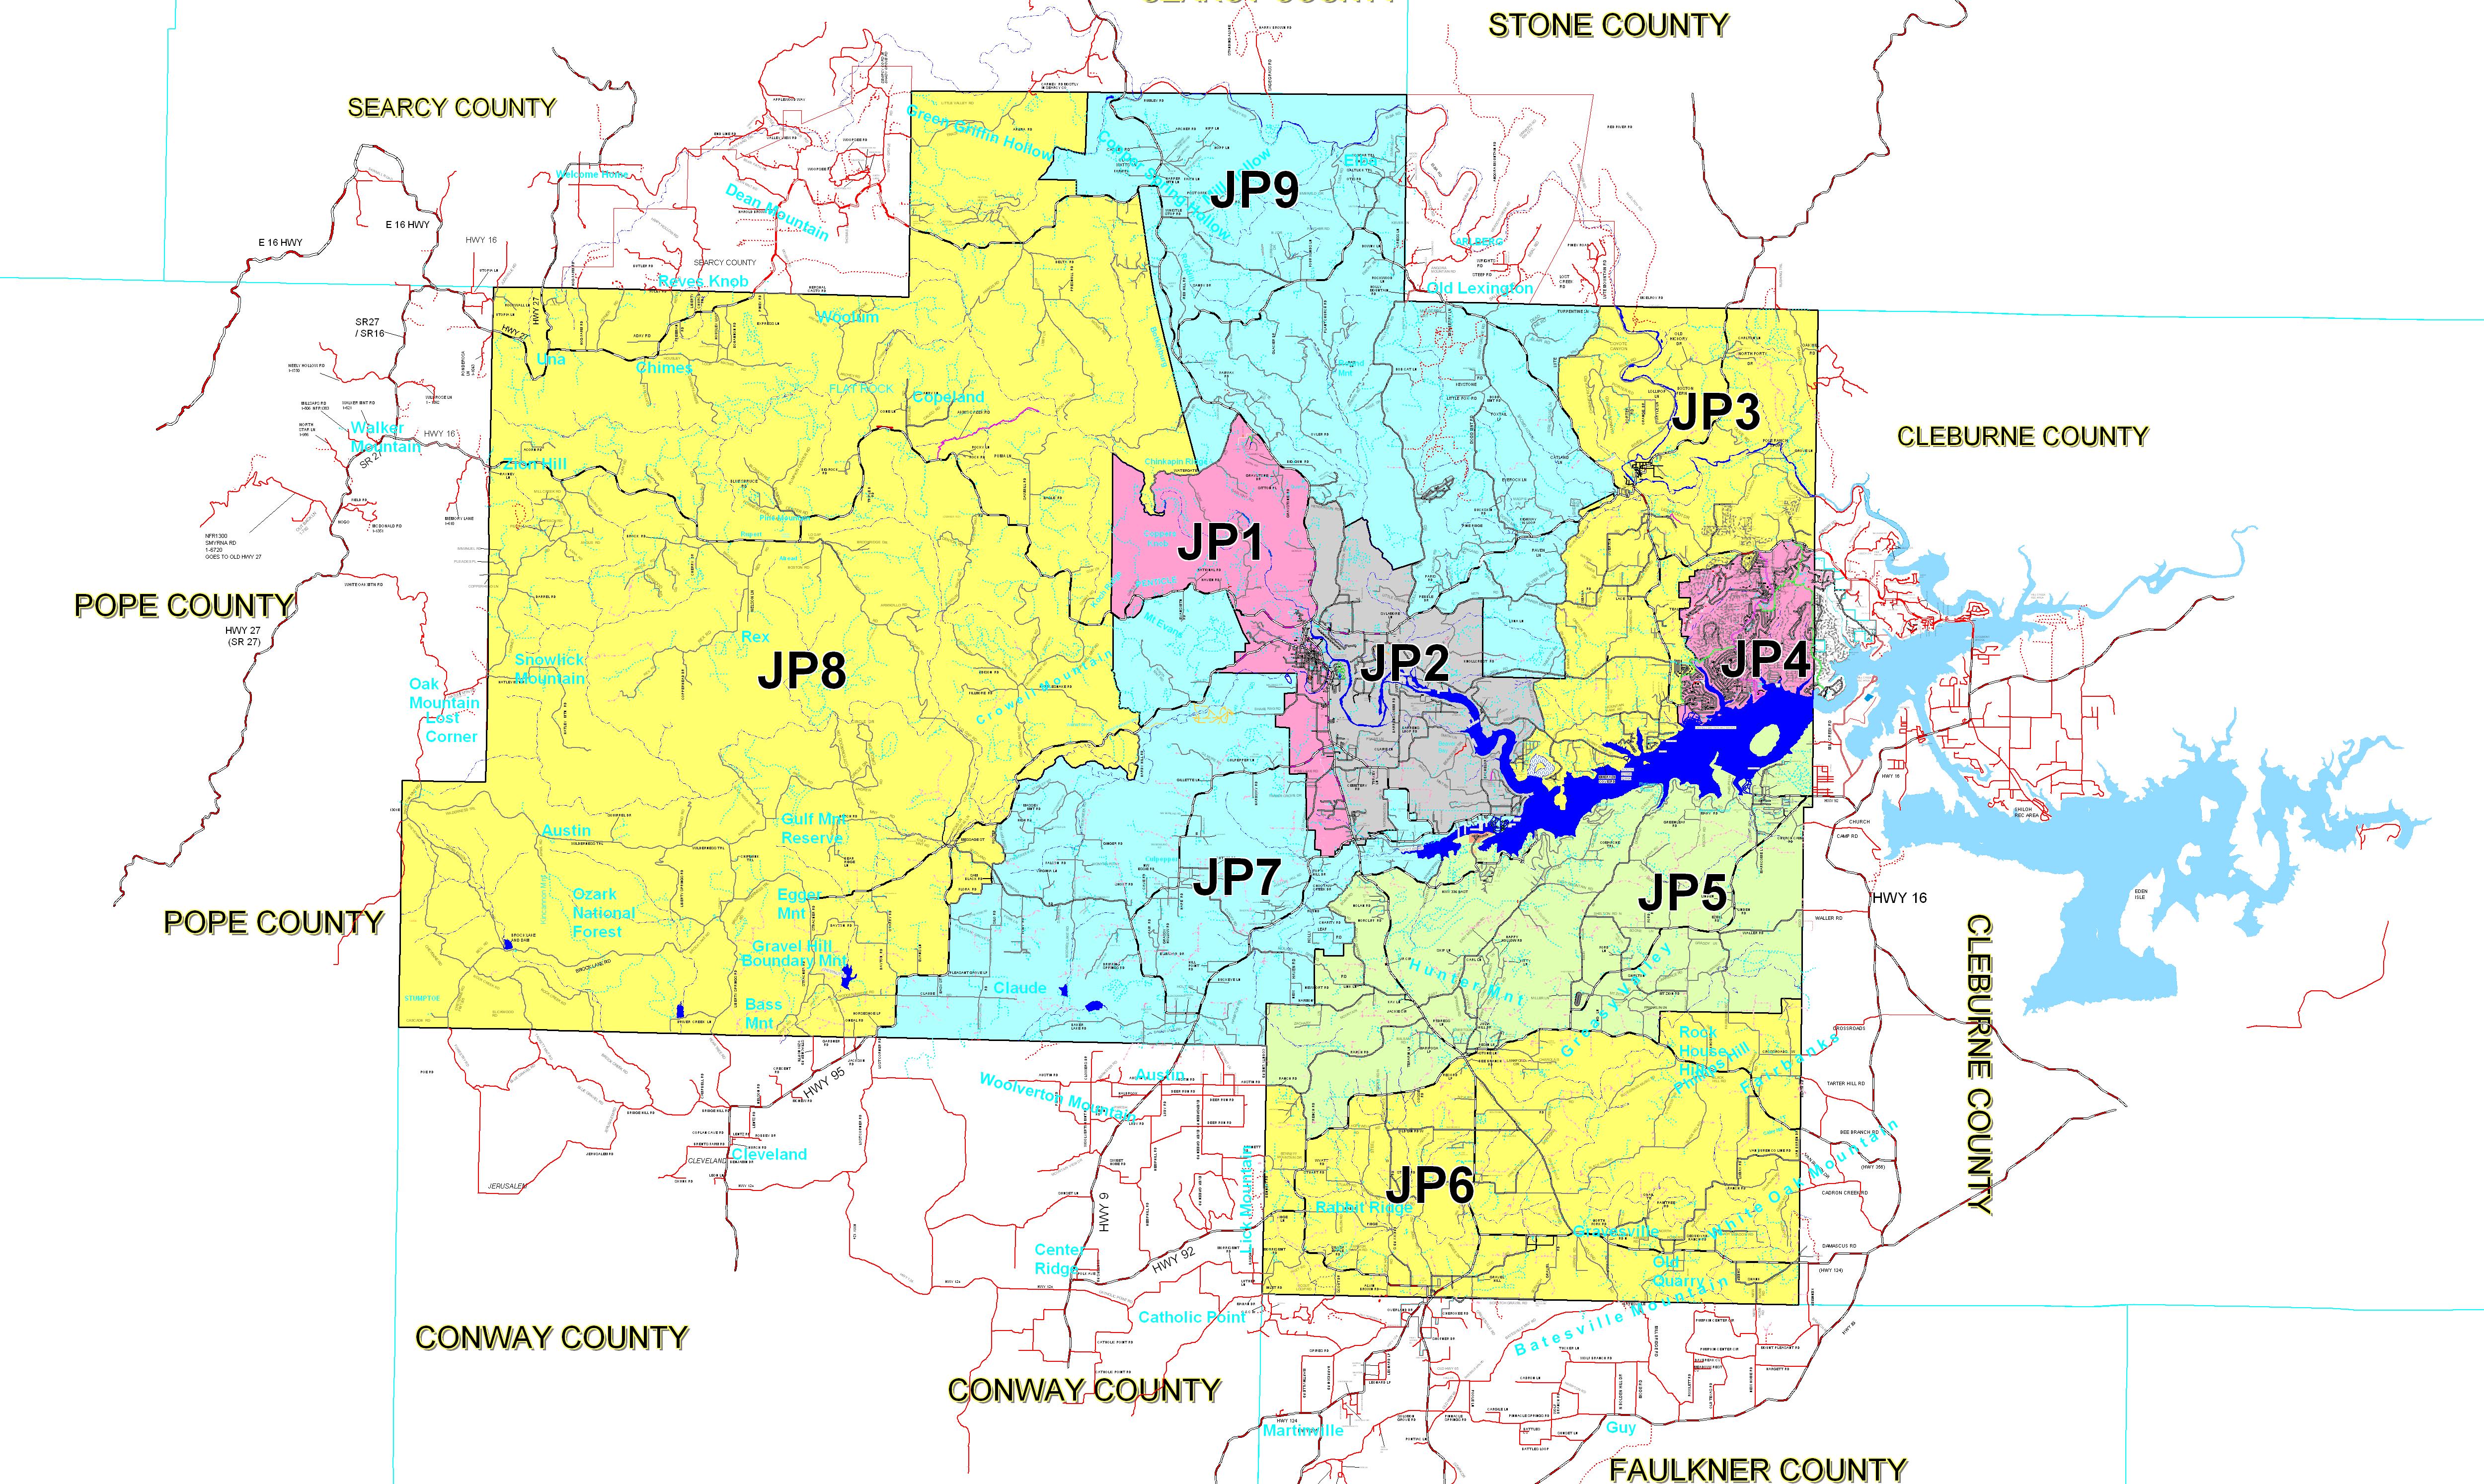 VBC Voter Registration | Van Buren County on springfield twp mi map, ray twp mi map, van buren county parcel map, bridgewater twp mi map, shelby twp mi map, van buren state park map, garfield twp mi map, york twp mi map, saginaw twp mi map, rose twp mi map, genoa twp mi map, newport twp mi map, commerce twp mi map, ira twp mi map, northfield twp mi map, superior twp mi map, oakland twp mi map, van buren home, hamburg twp mi map, lake twp mi map,